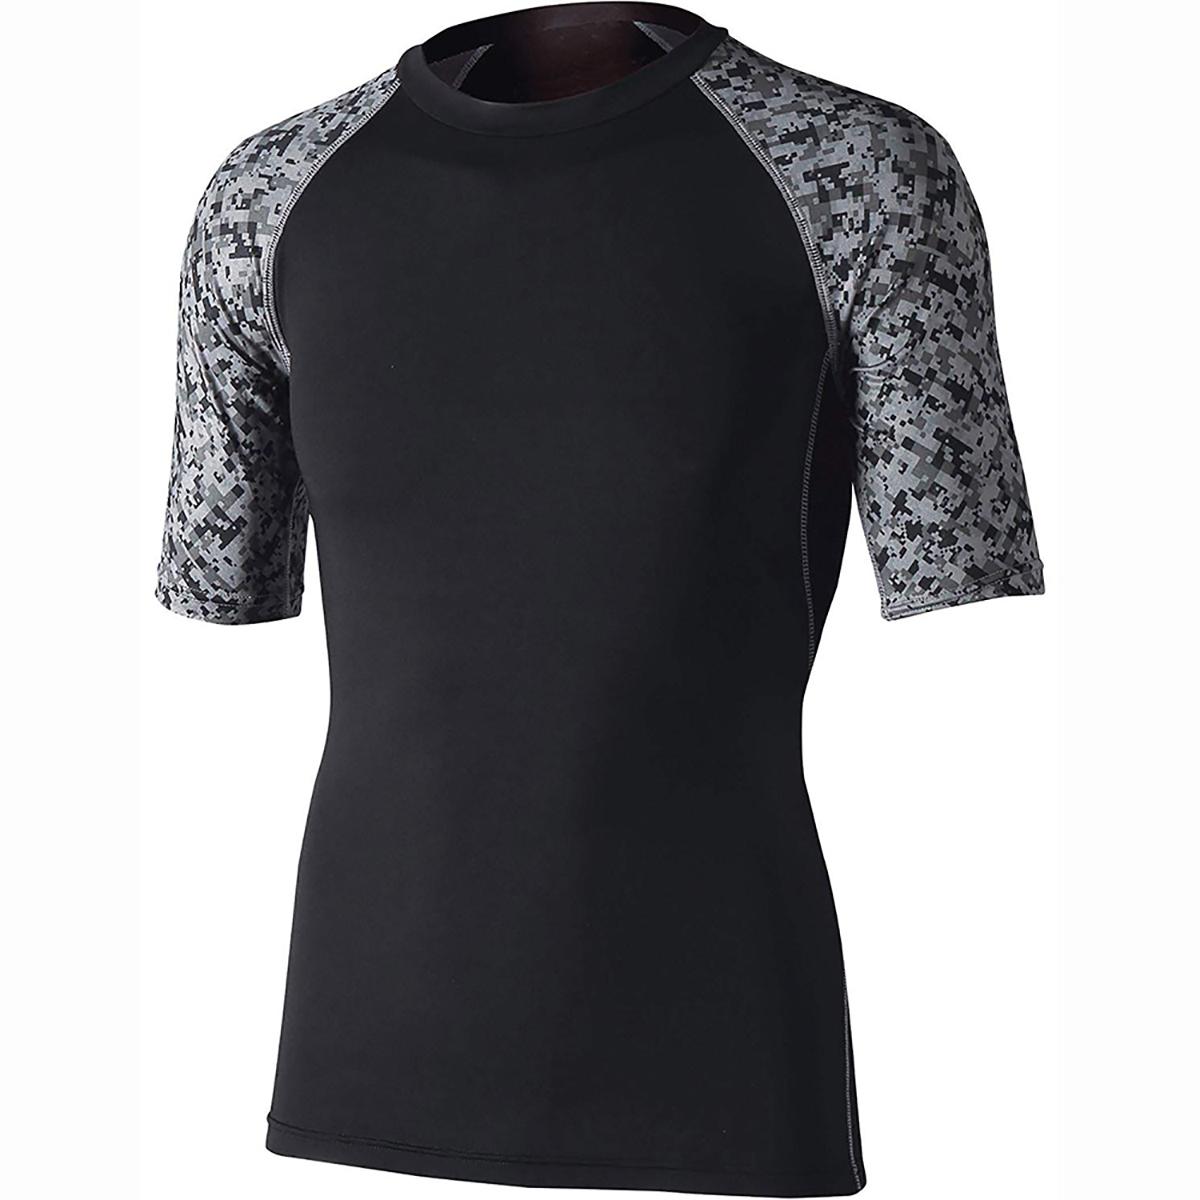 冷感 消臭 パワーストレッチ 半袖クルーネックインナーシャツ